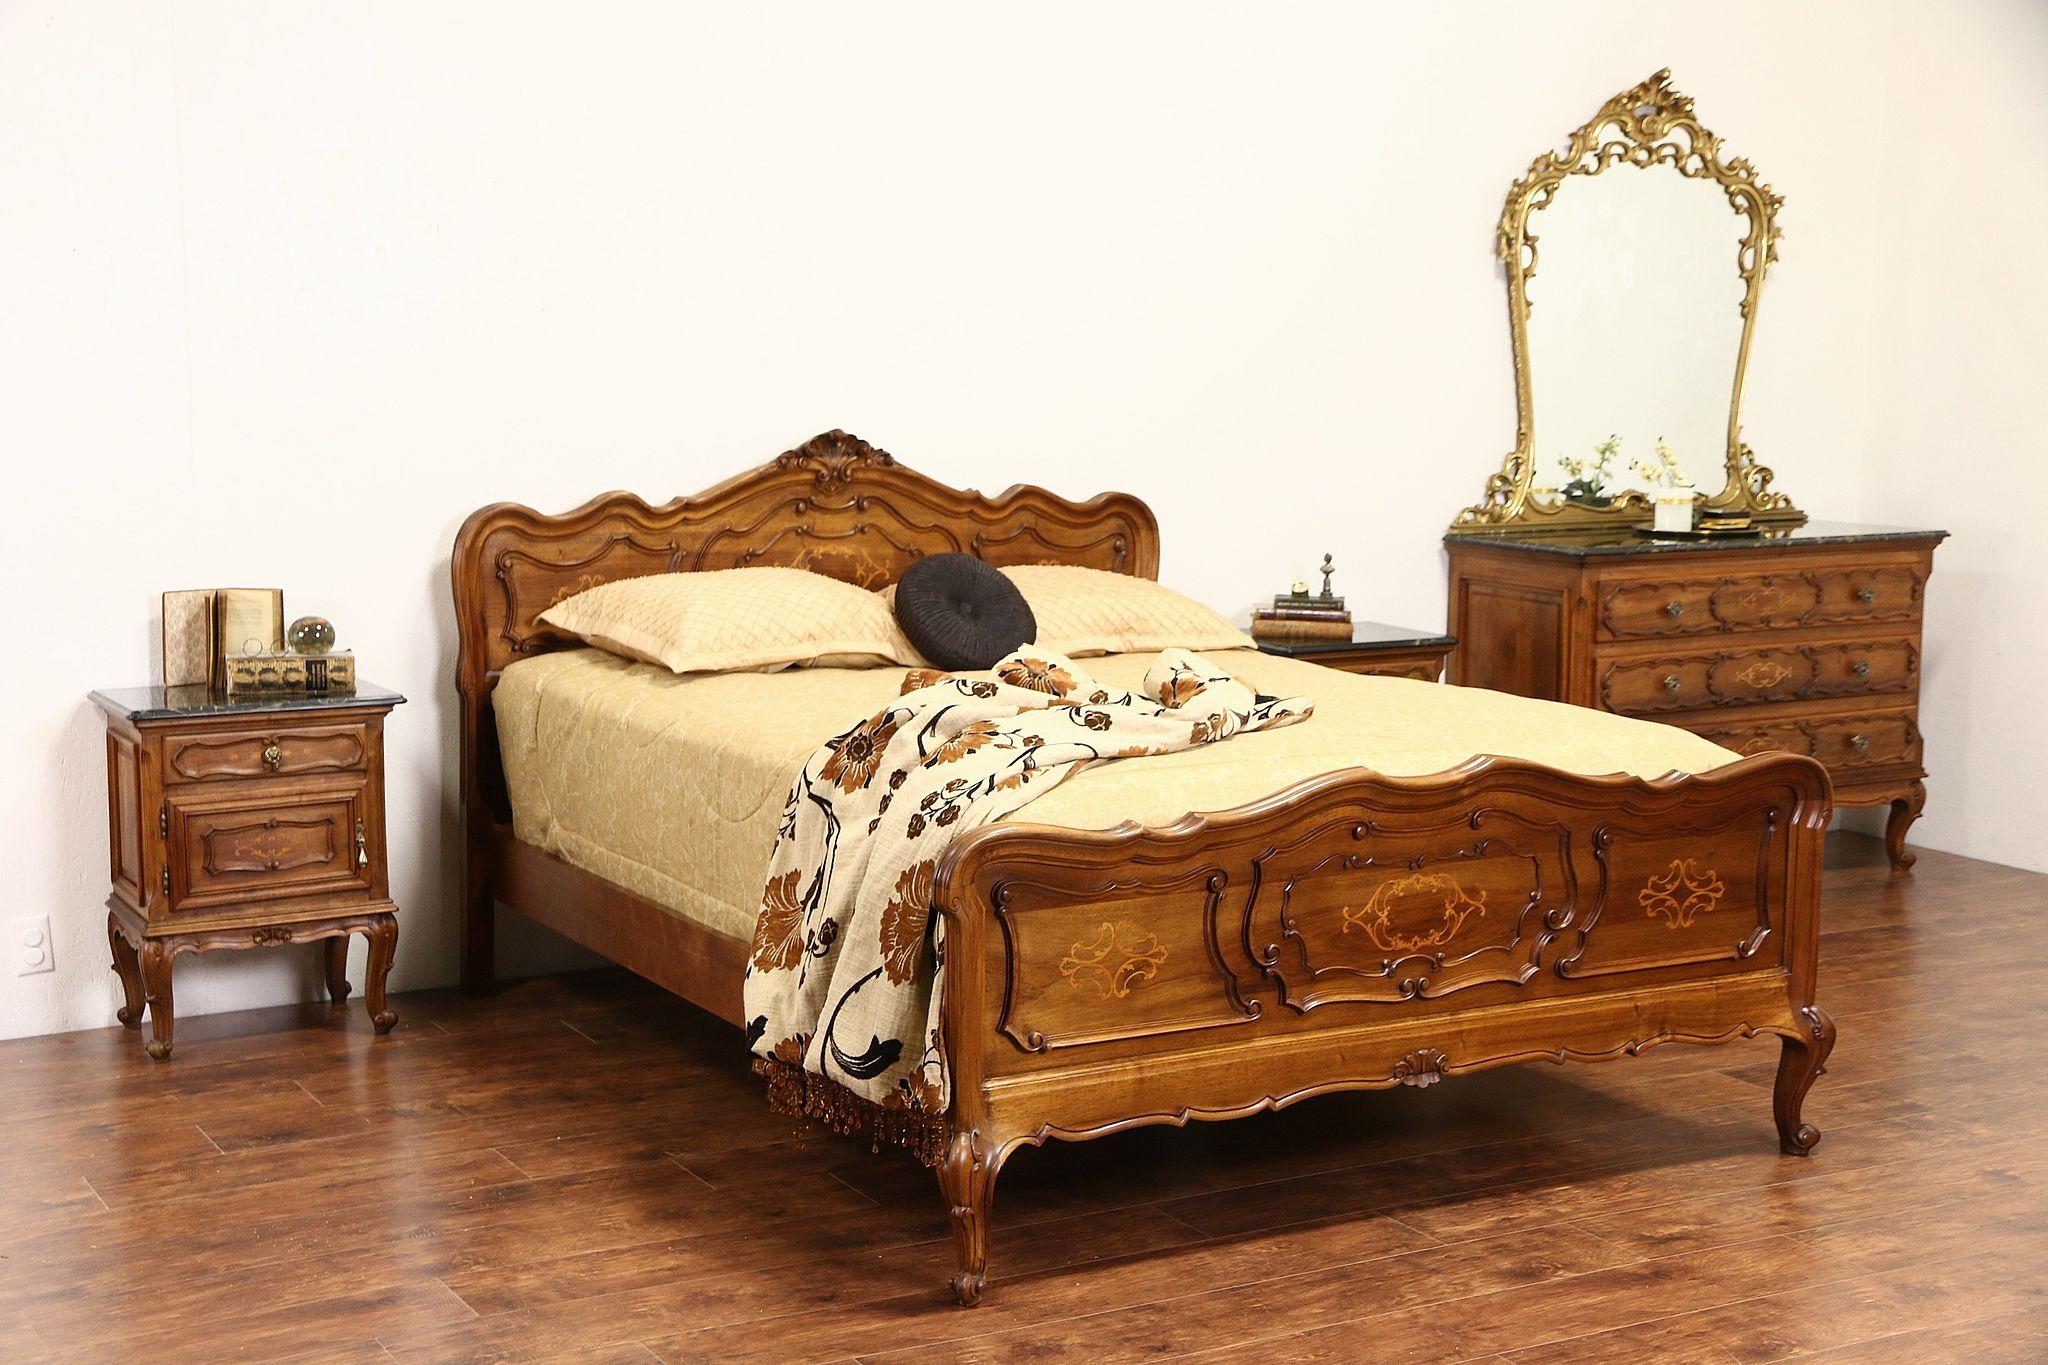 Sold Italian S Bedroom Set Queen Size Bed Marble Top